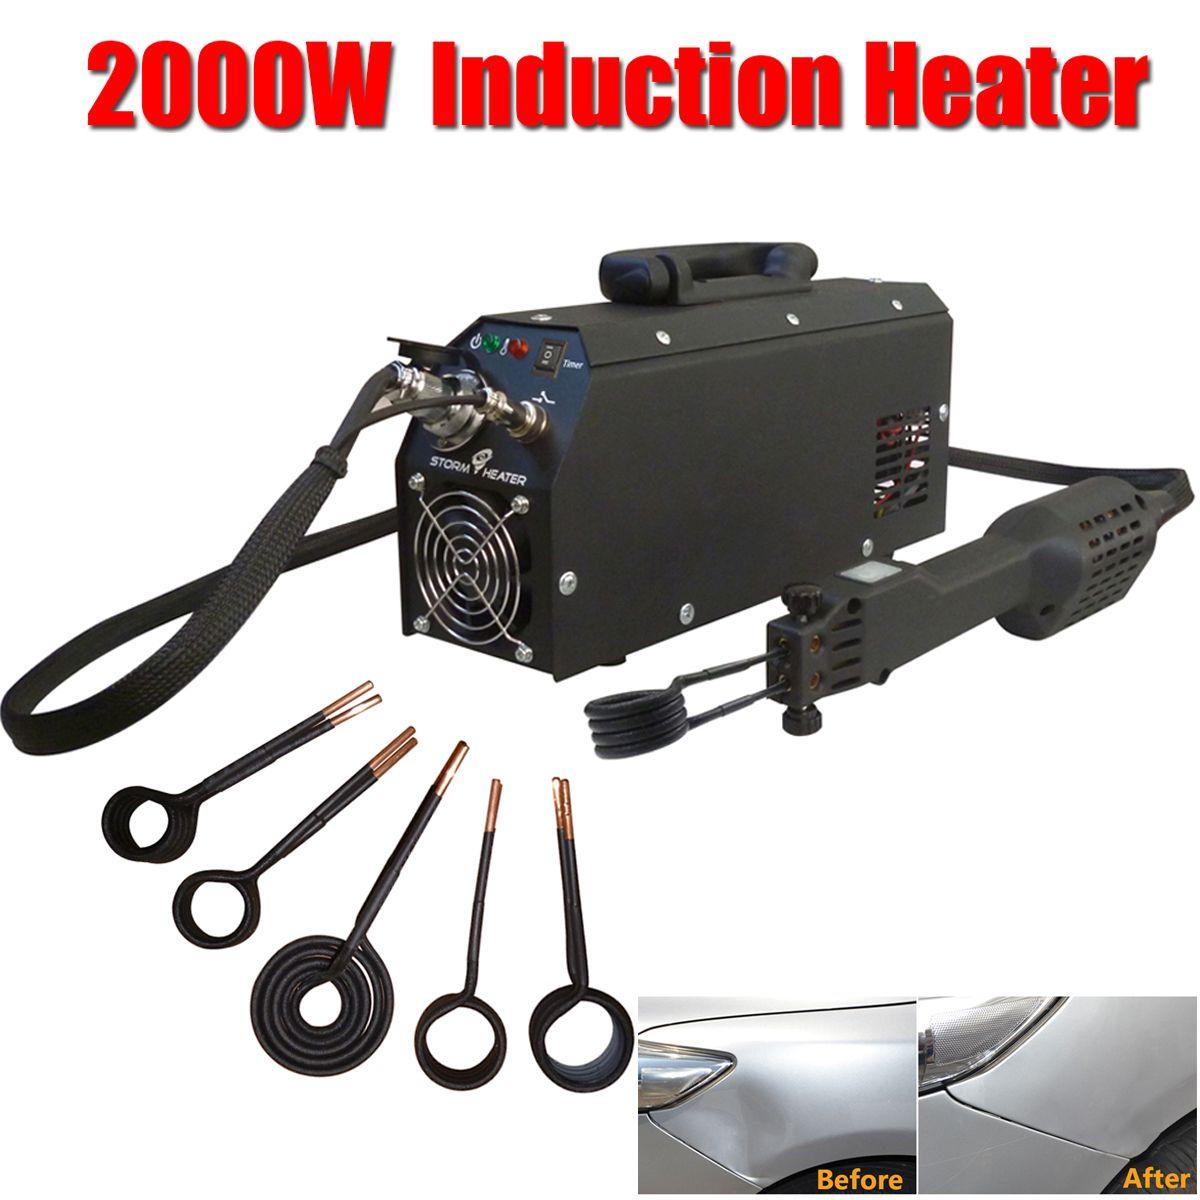 110/220 V 2000 watt Auto Induktion Heizung Reparatur Maschinen Werkzeug Paintless Entfernen für Auto Reparatur Entfernung von Beulen Auto Körper reparatur